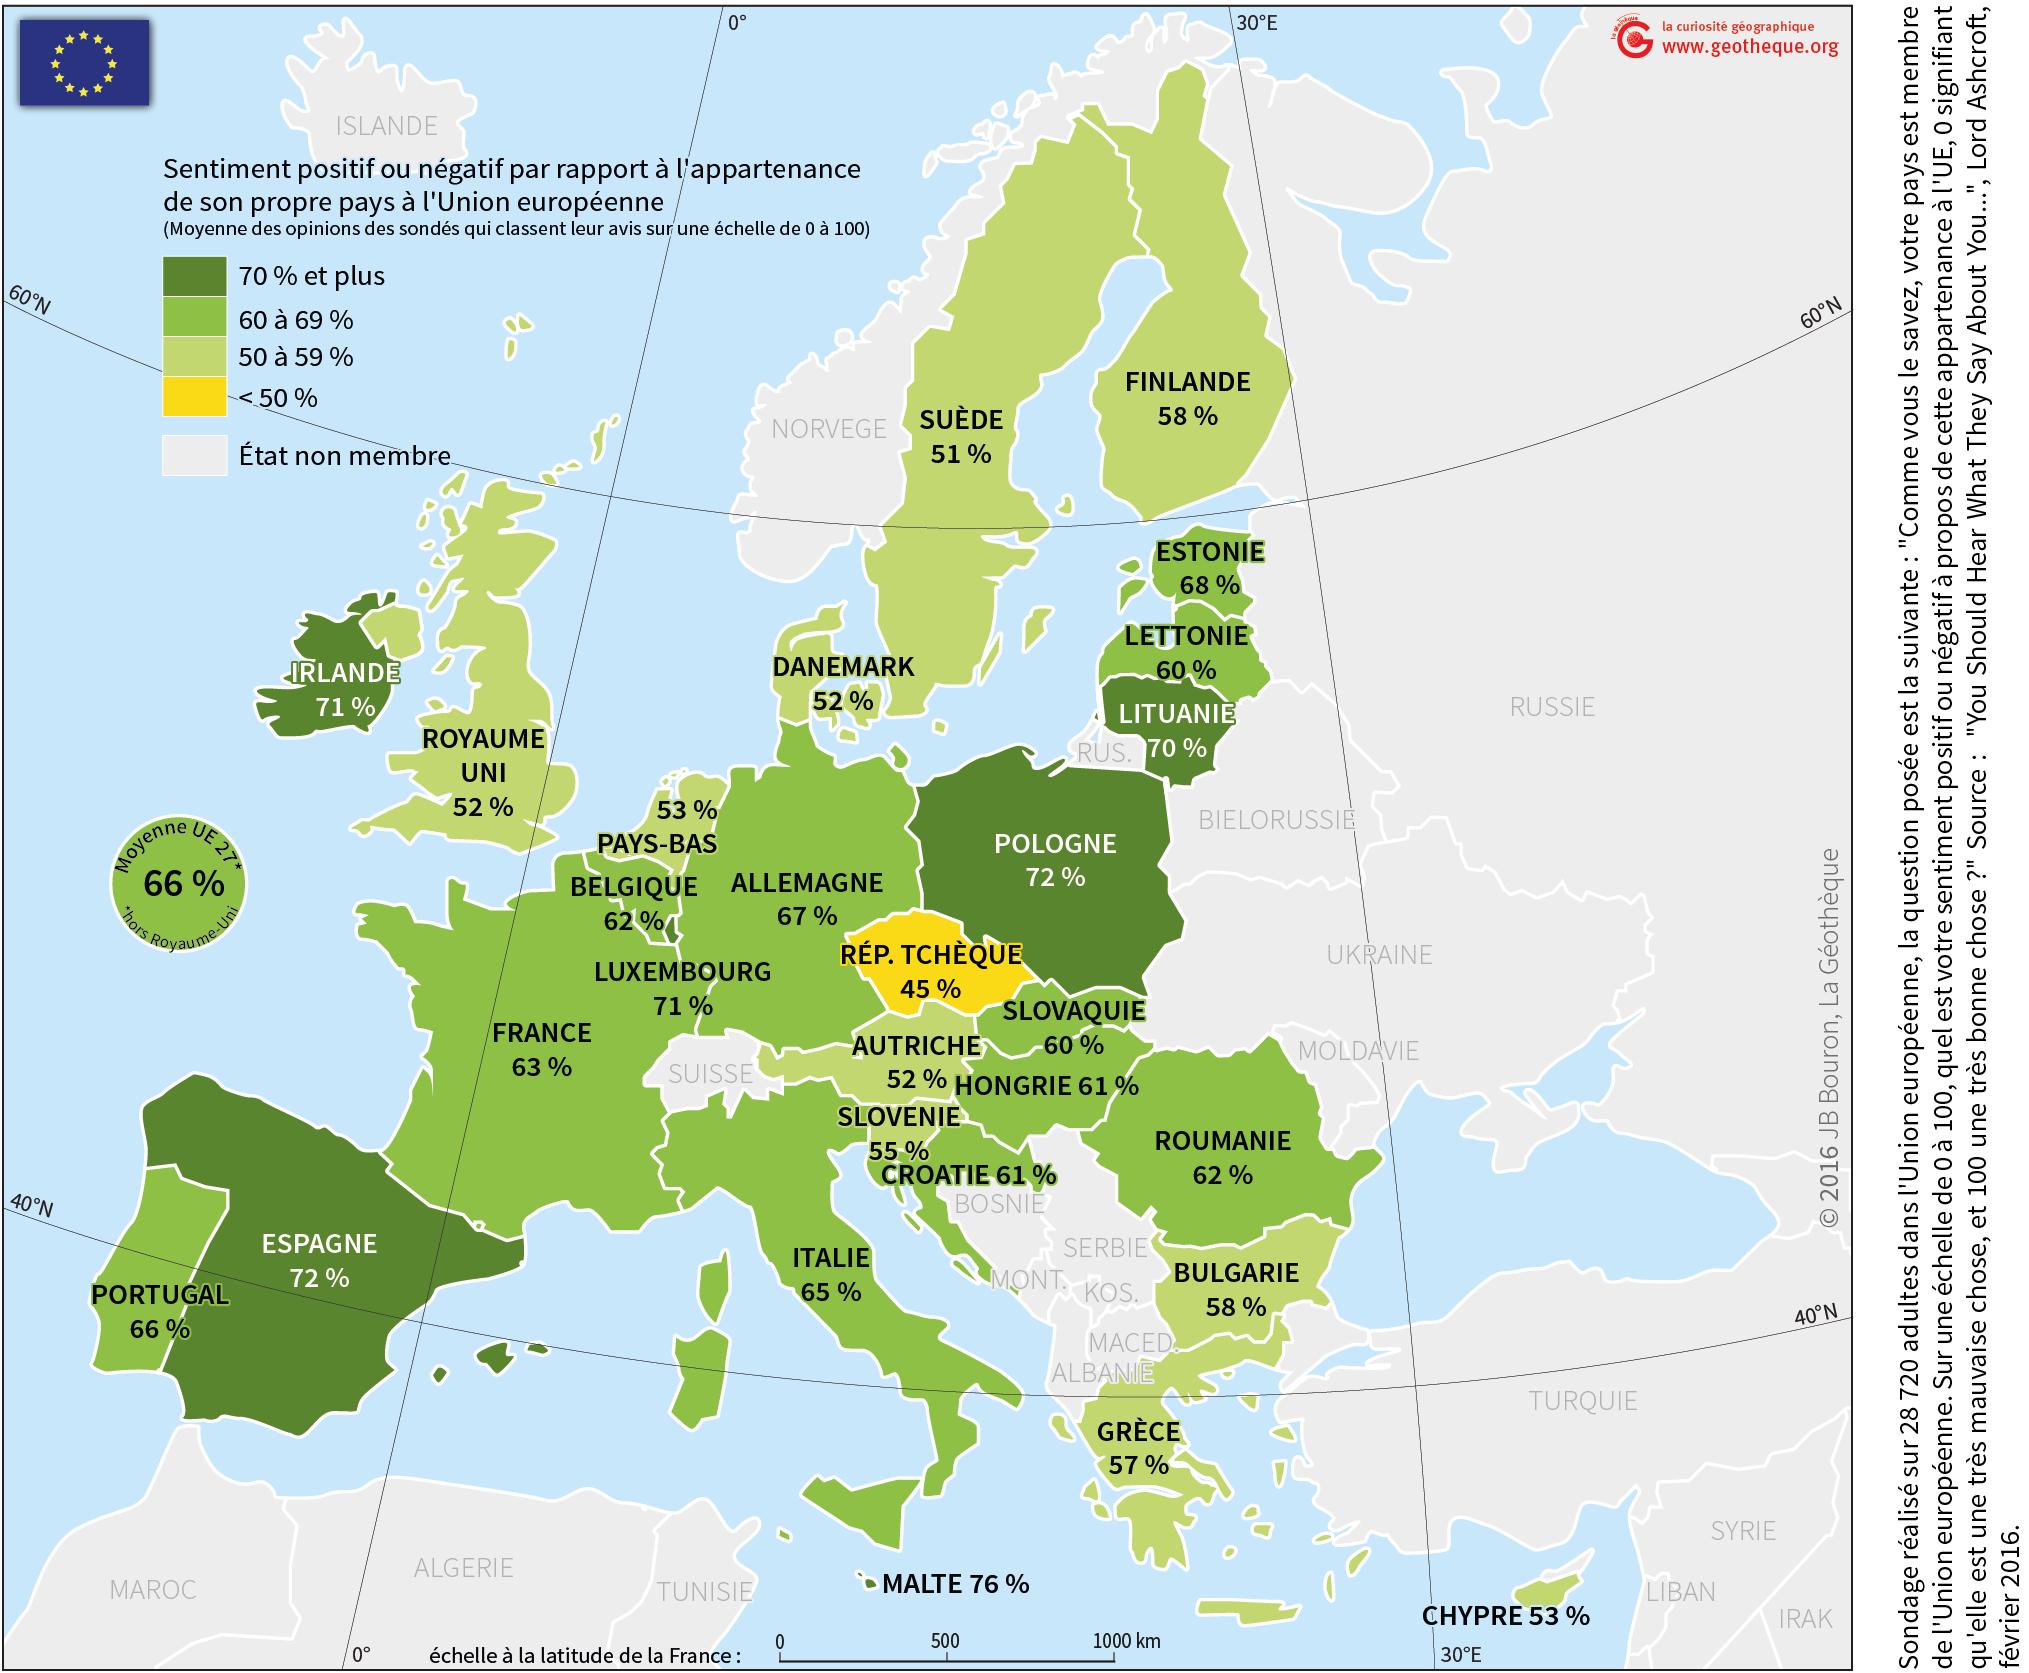 Le Projet D'une Europe Politique Depuis 1948 - Jmgoglin intérieur Pays Et Capitales Union Européenne